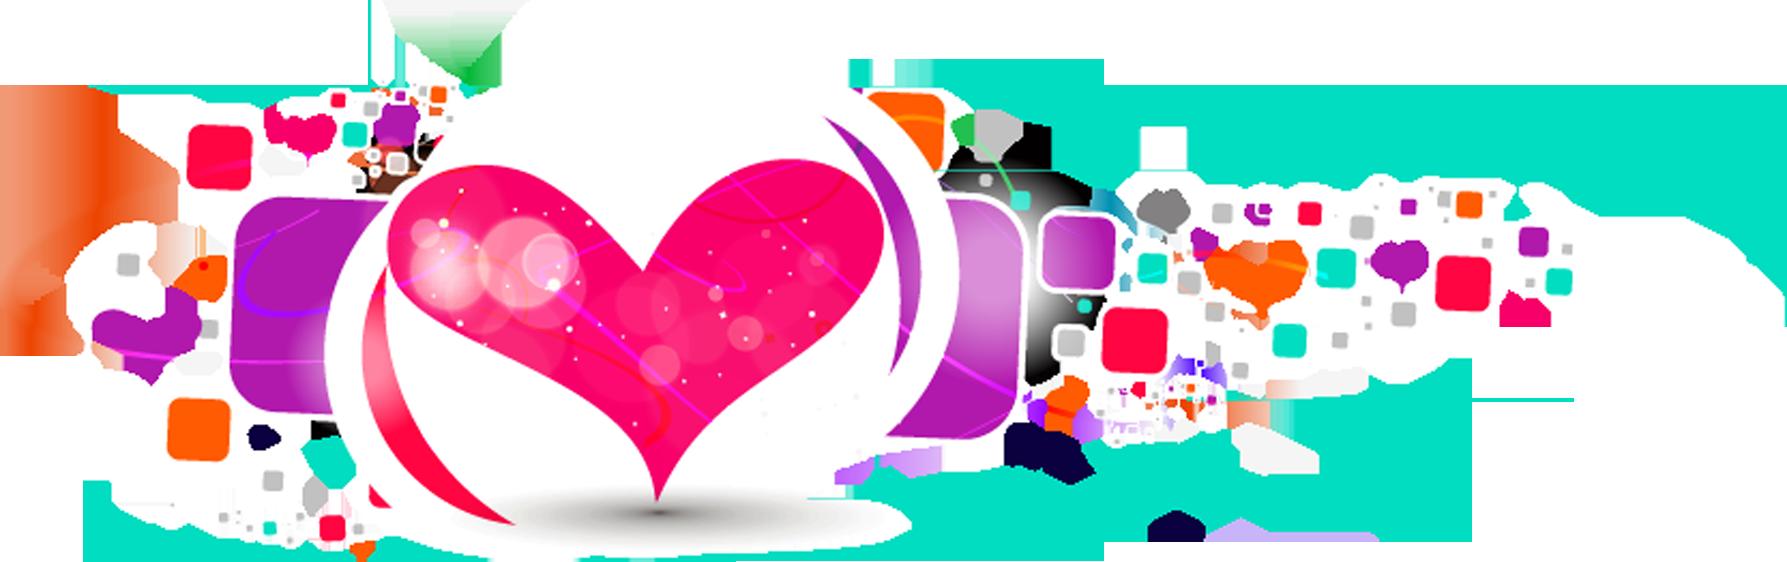 Valentine s day desktop. February clipart heart shape design